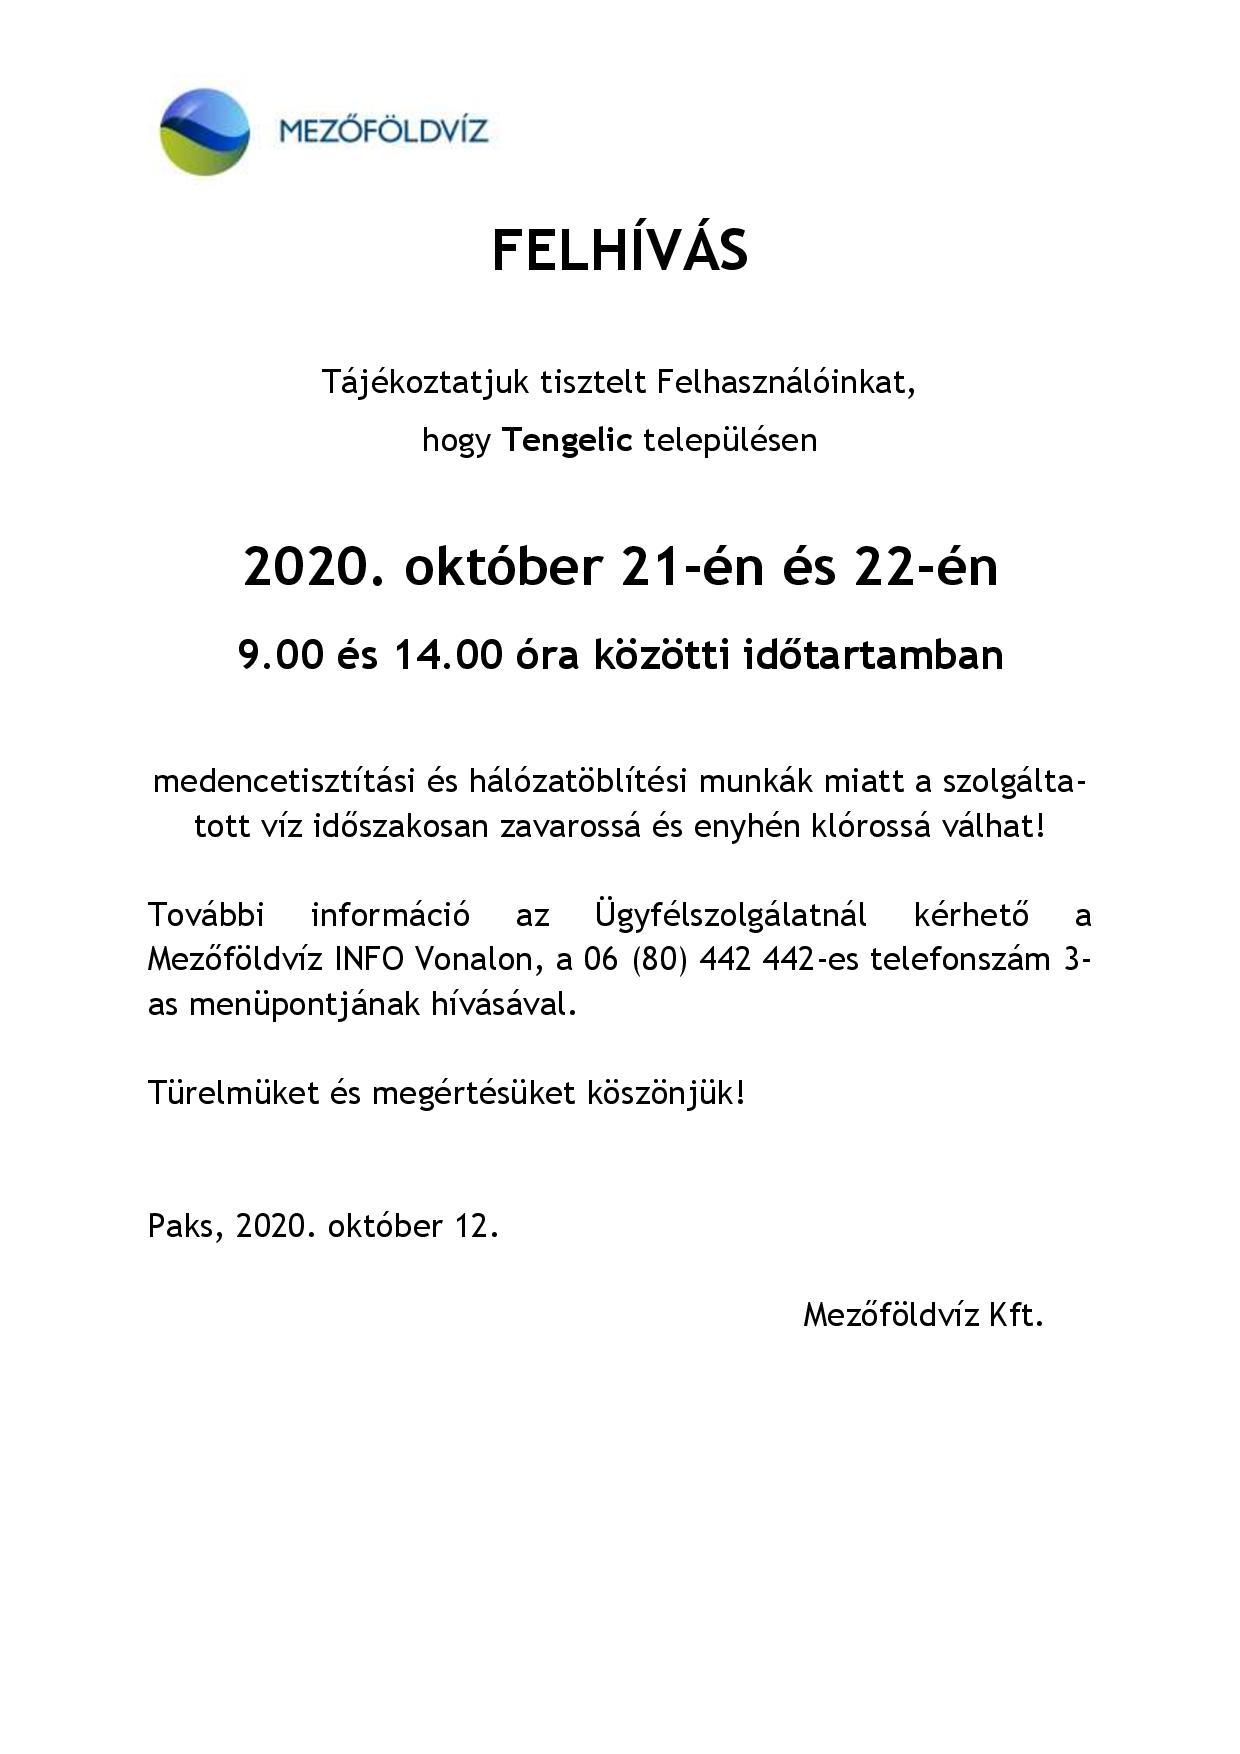 Tájékoztatás - Hálózat öblítés és medence mosatás miatti vízhiányról, nyomáscsökkenésről Tengelic 2020.10.21-22-page-001